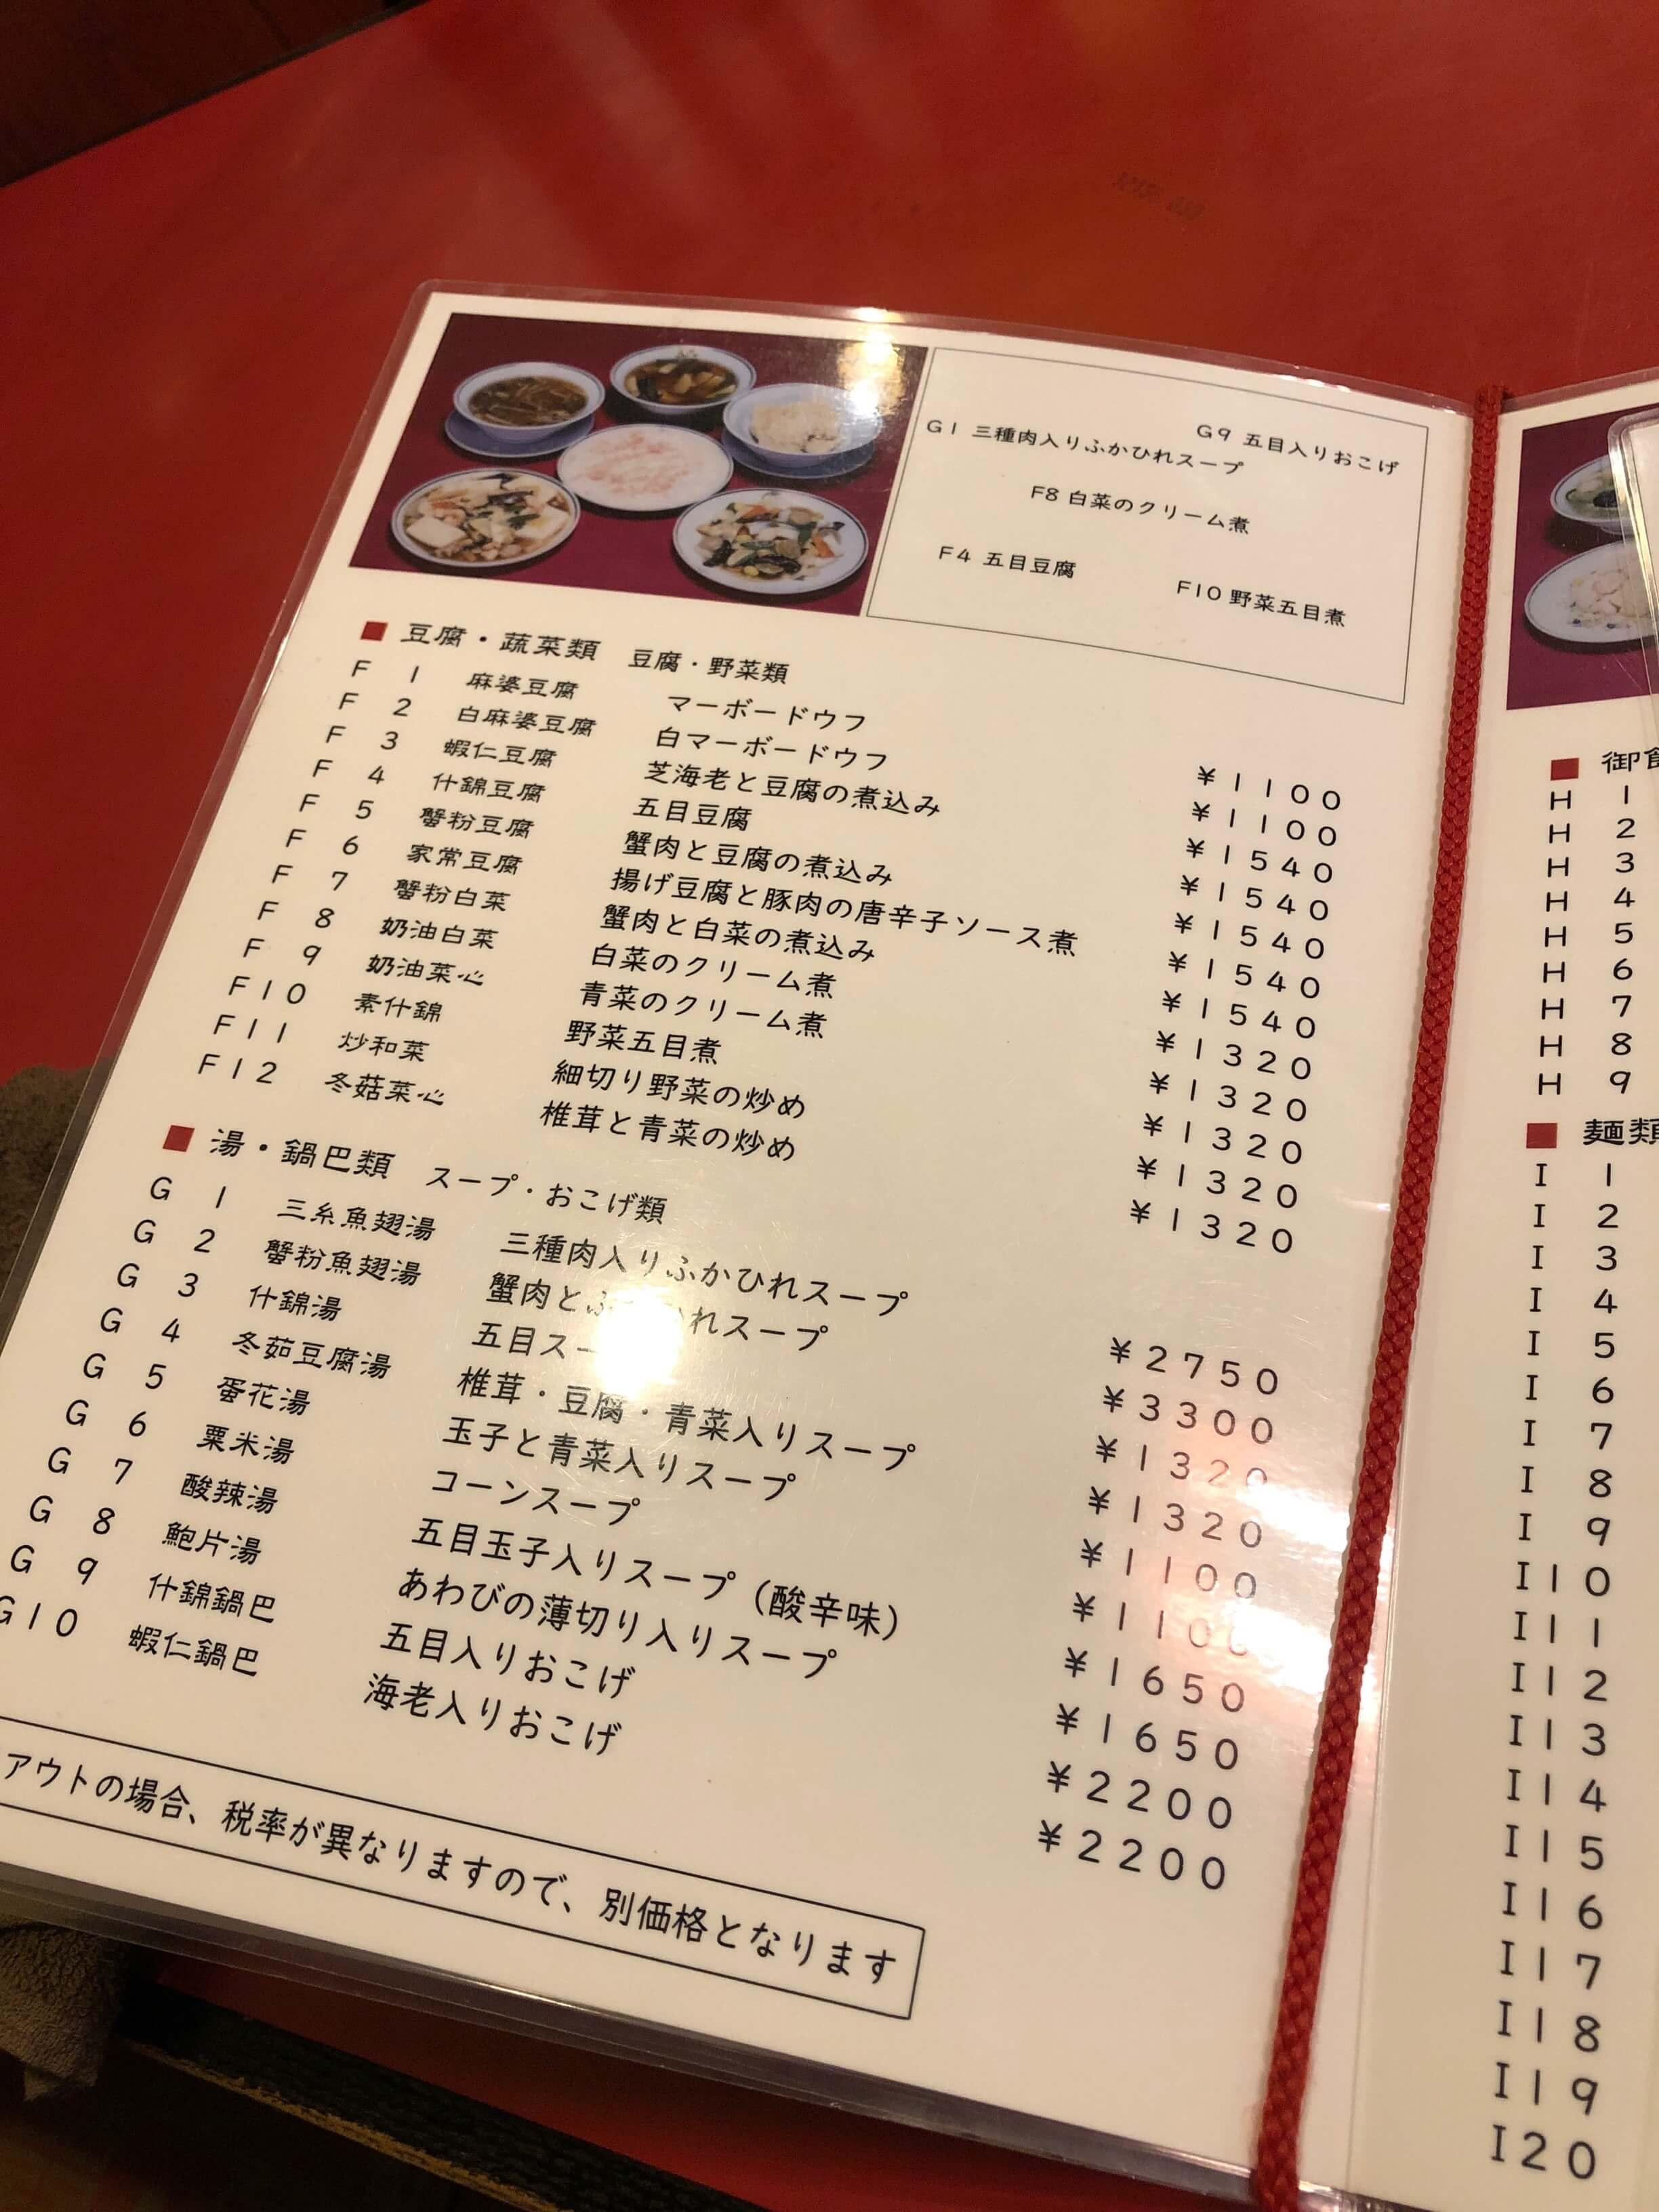 大三元酒家 メニュー 2020.05.28